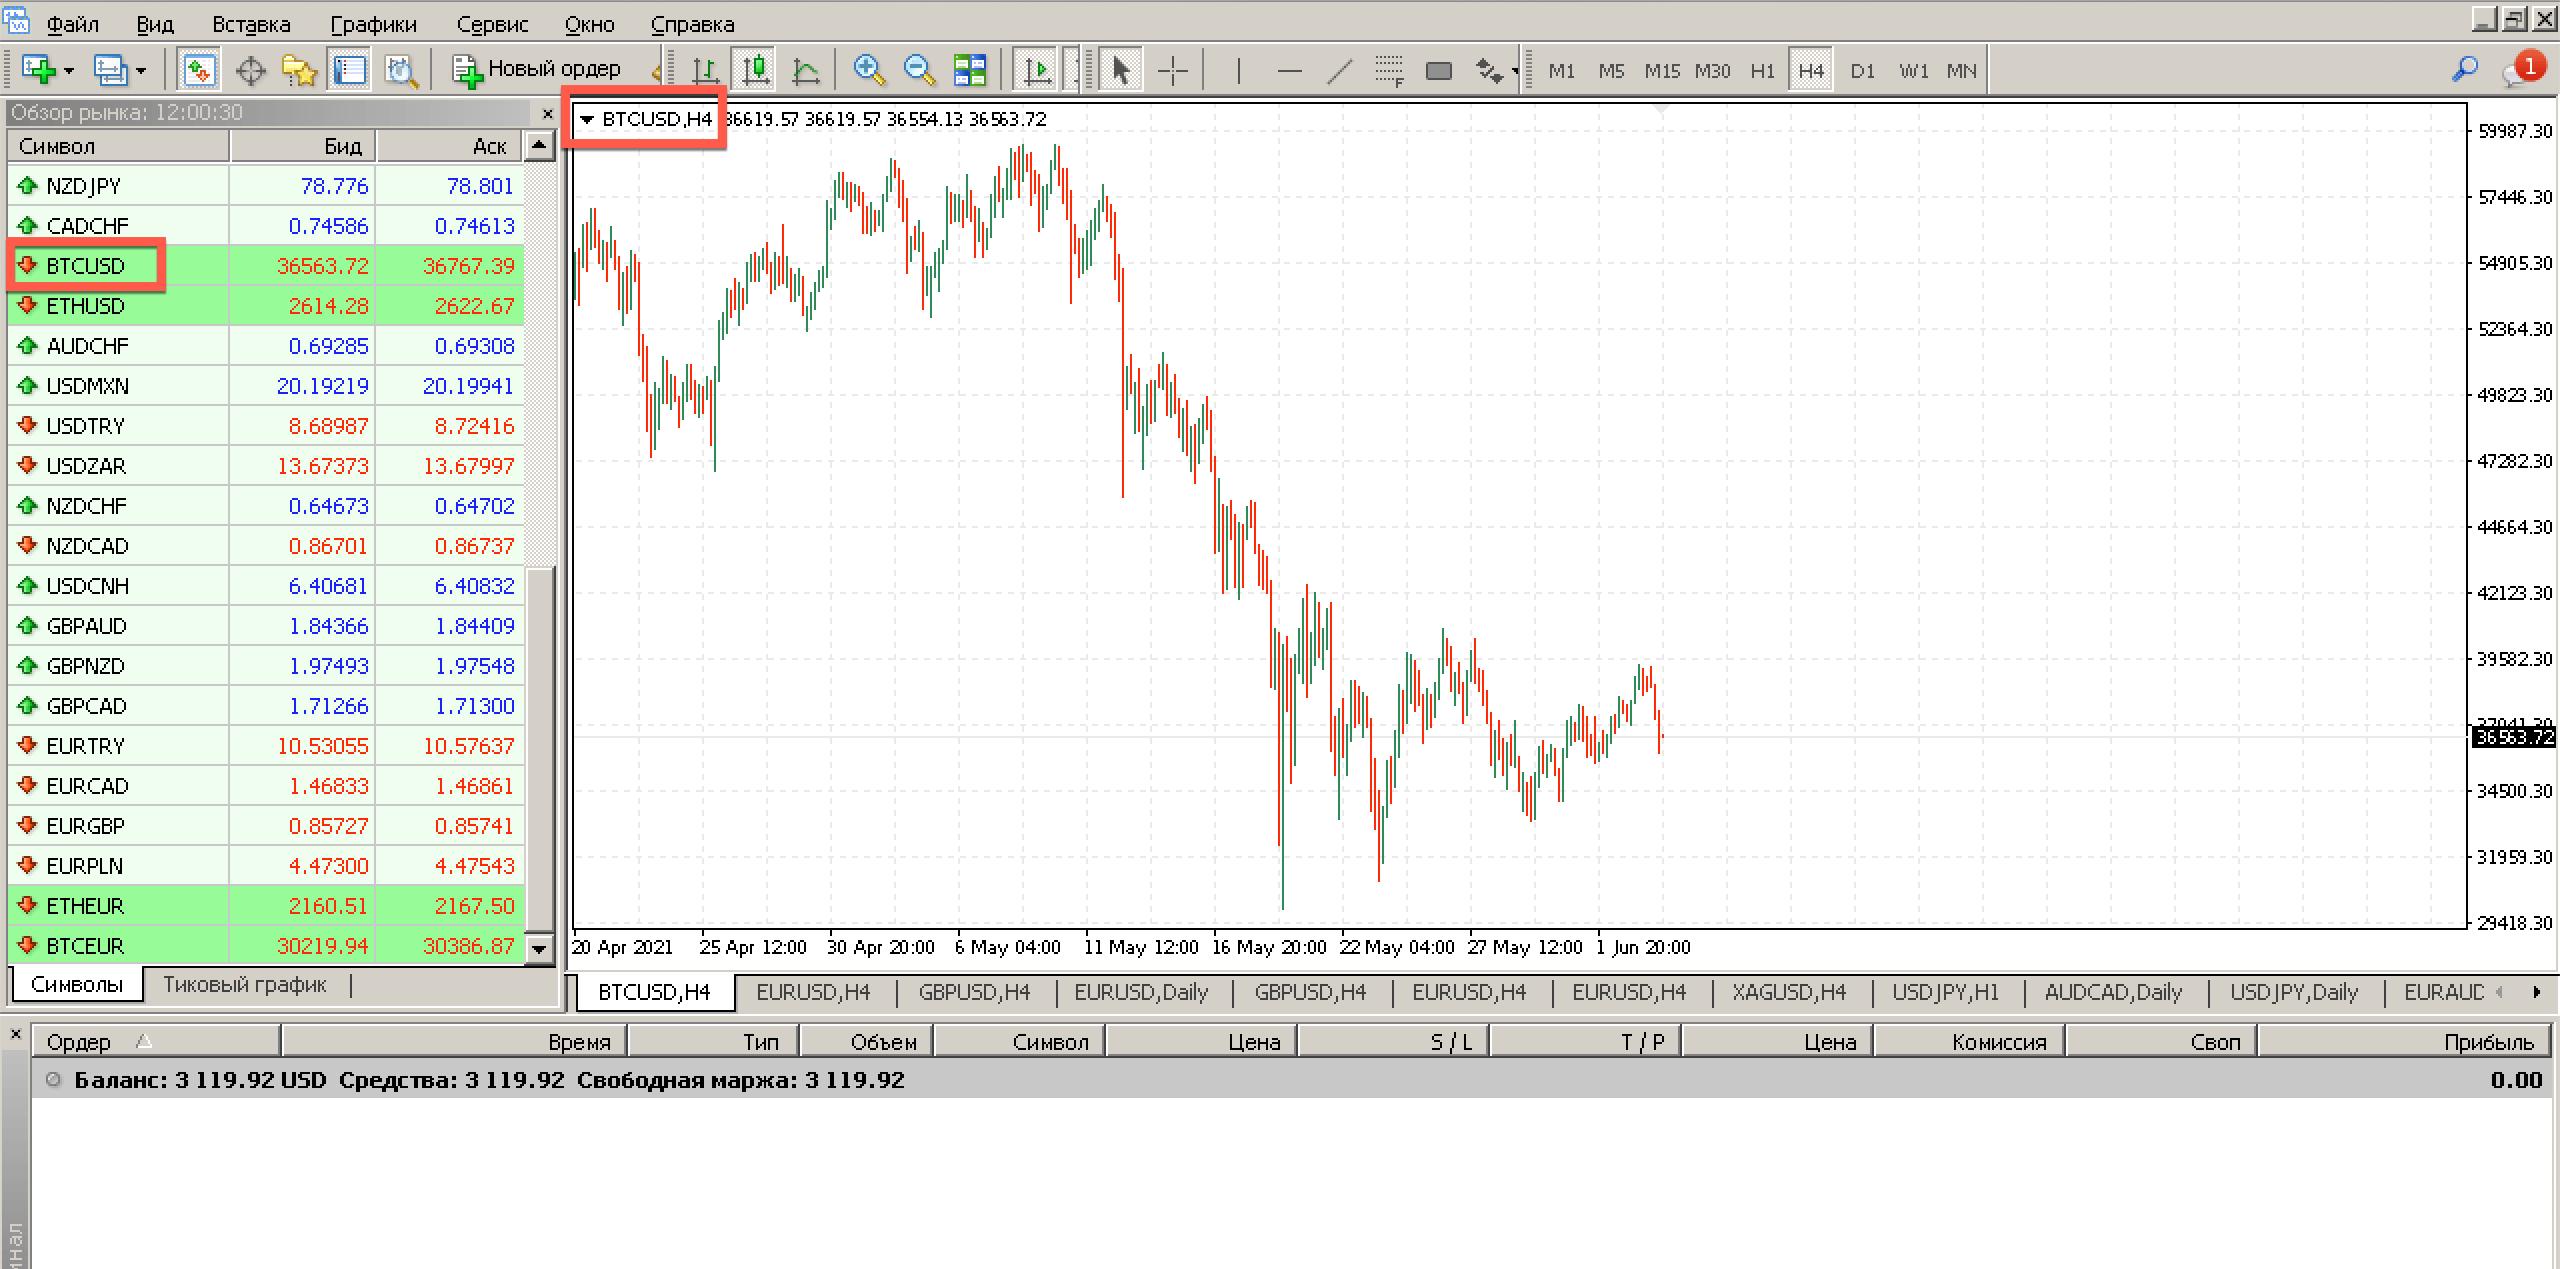 Как начать торговать биткоинами — пошаговое руководство